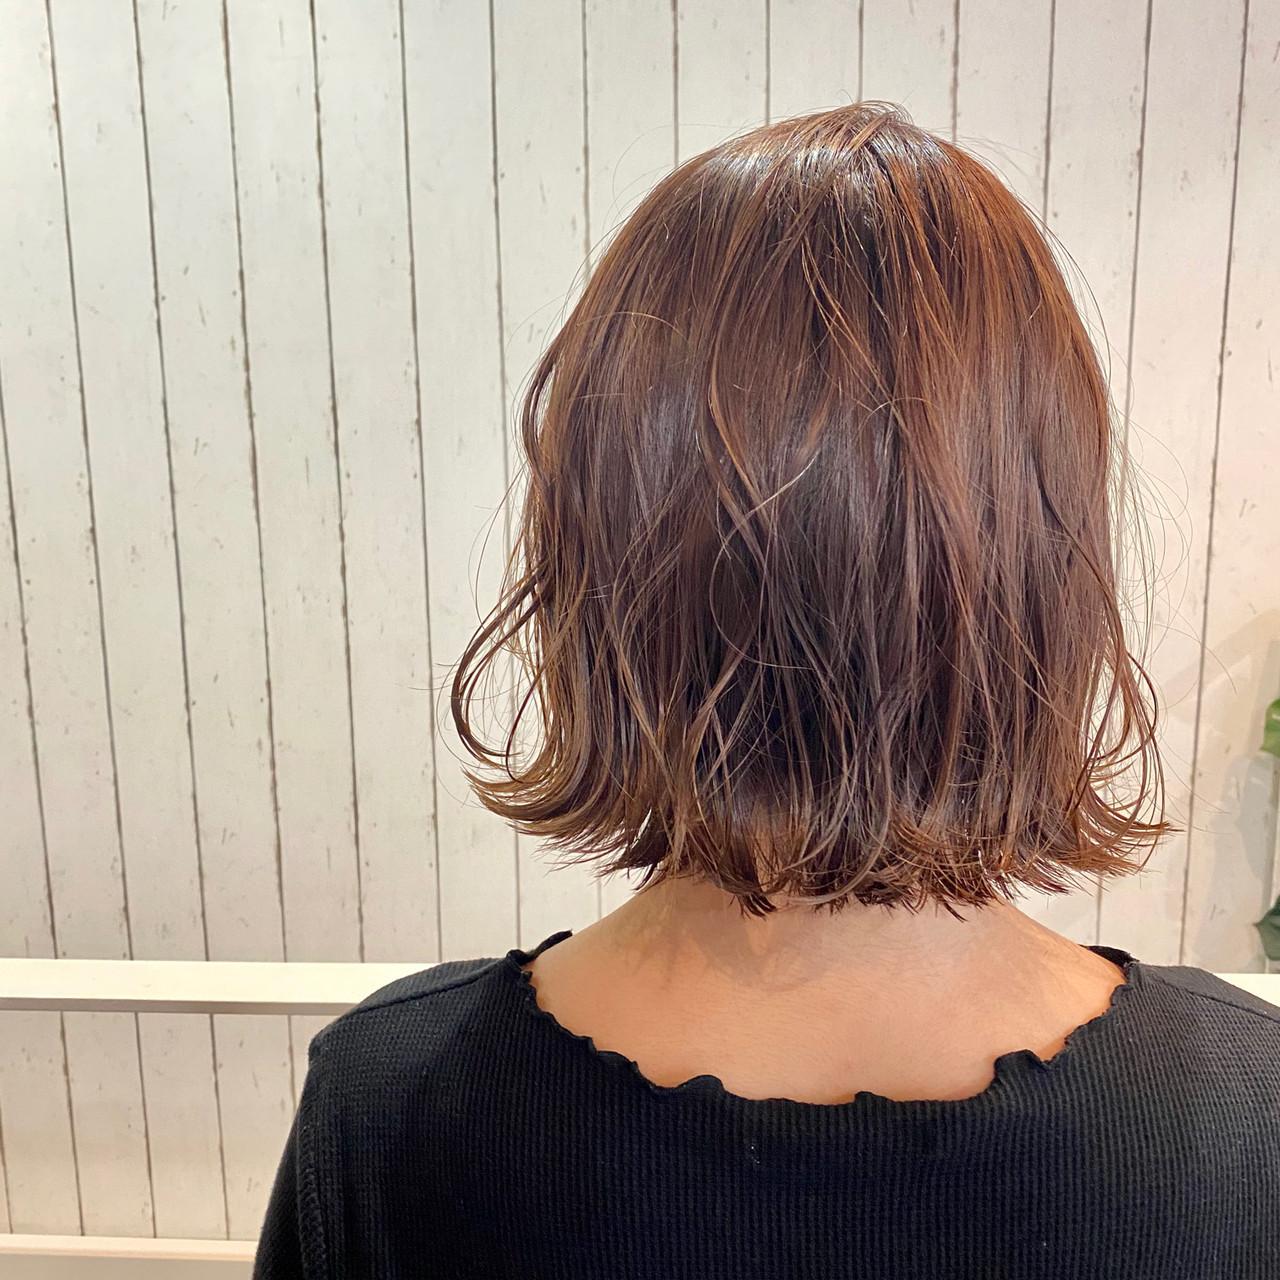 ゆるふわセット ショートボブ ミニボブ モテボブ ヘアスタイルや髪型の写真・画像